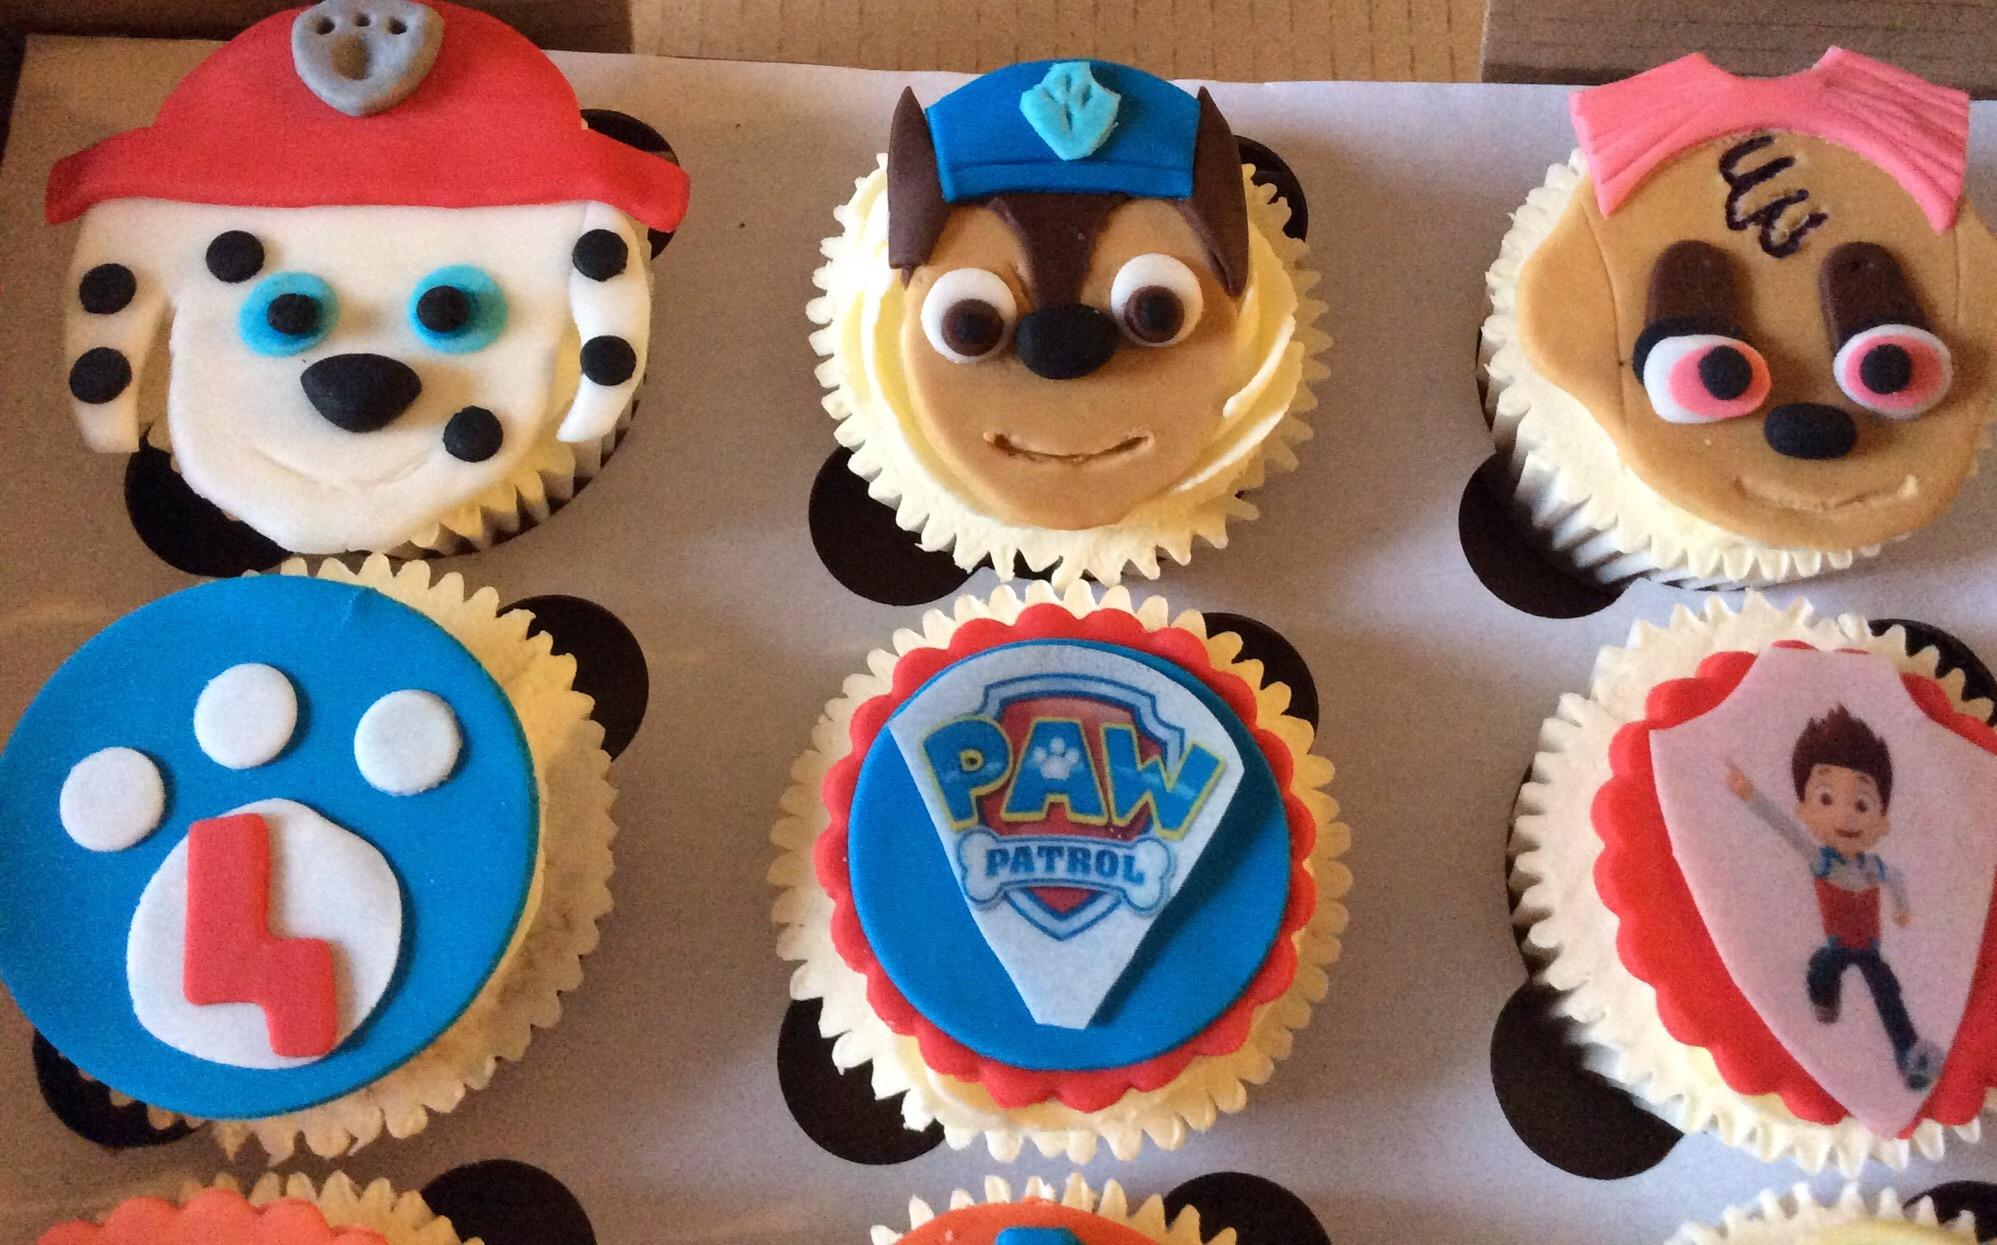 Wow Paw Patrol Cupcakes Cakes By Lizzie Edinburgh